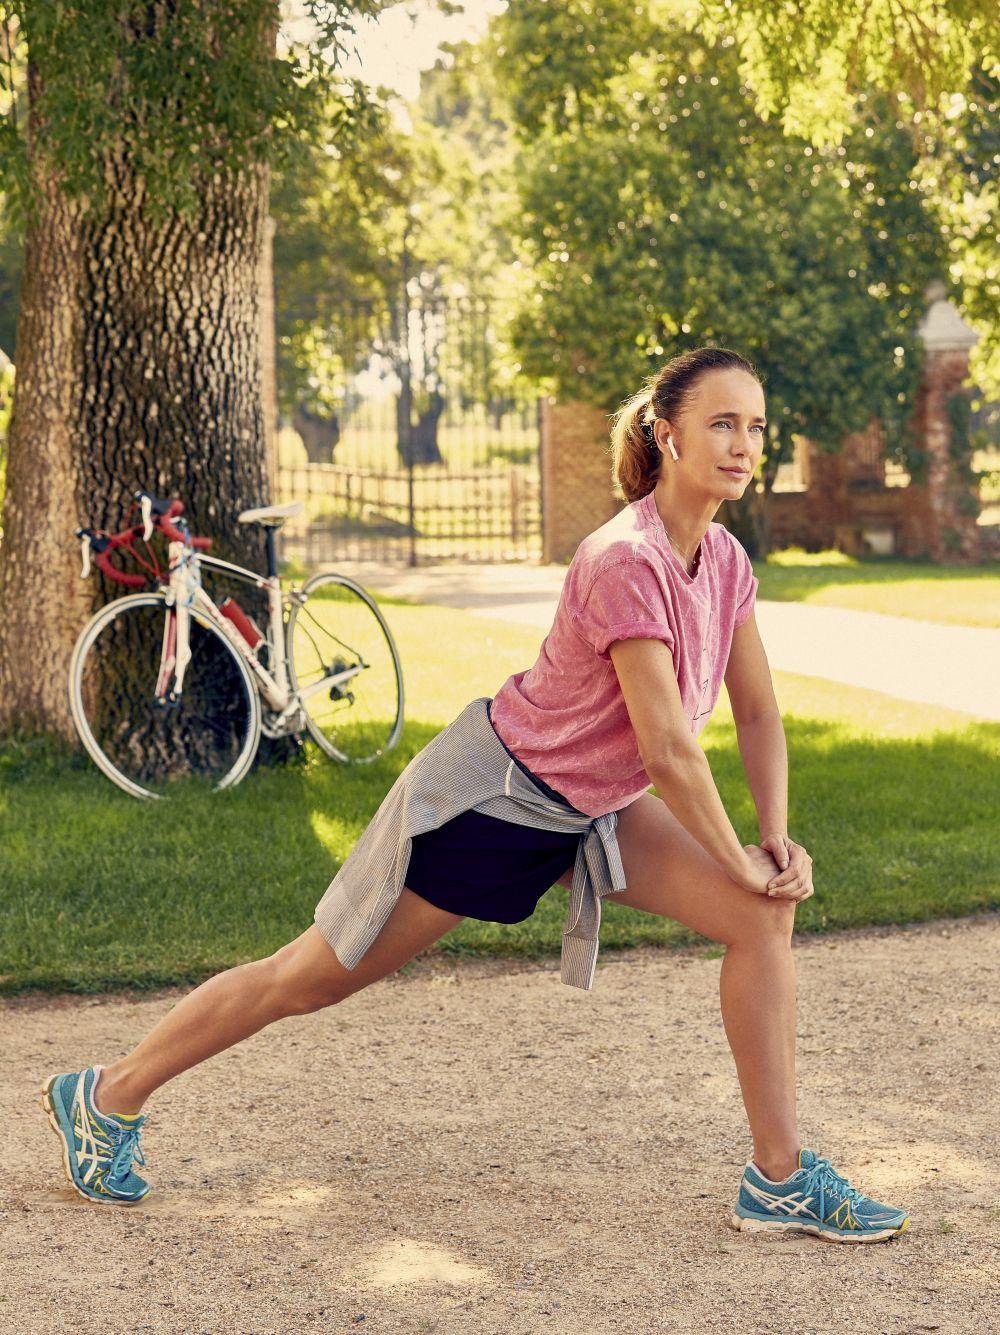 Realizar ejercicio moderado pero constante, añadir más proteínas de calidad a tu dieta y un sueño reparador, ayudan a mejorar la calidad de la piel más allá de los 50.